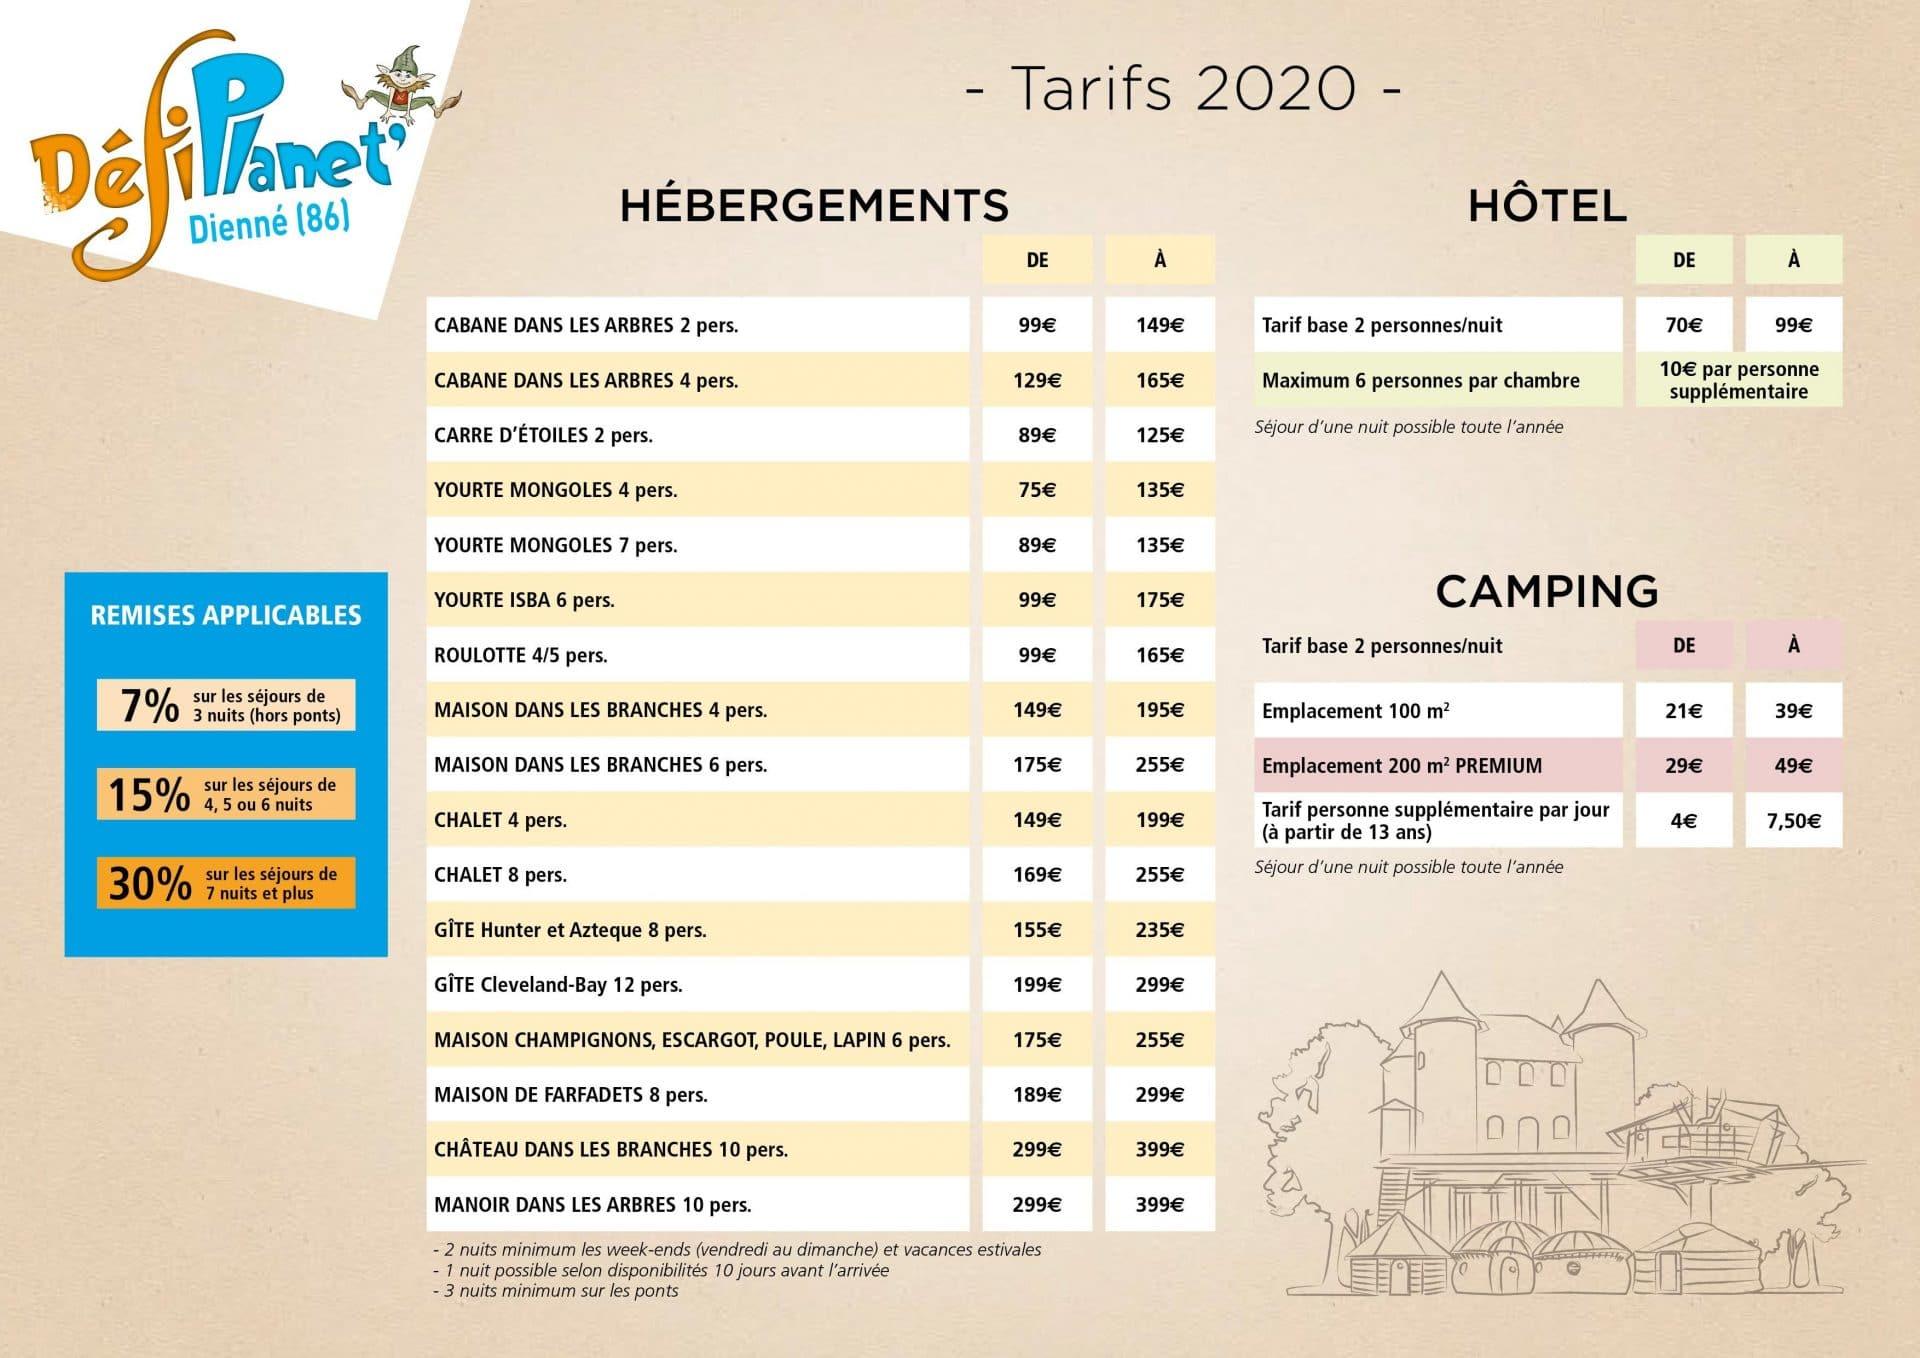 Tarifs hébergements 2020